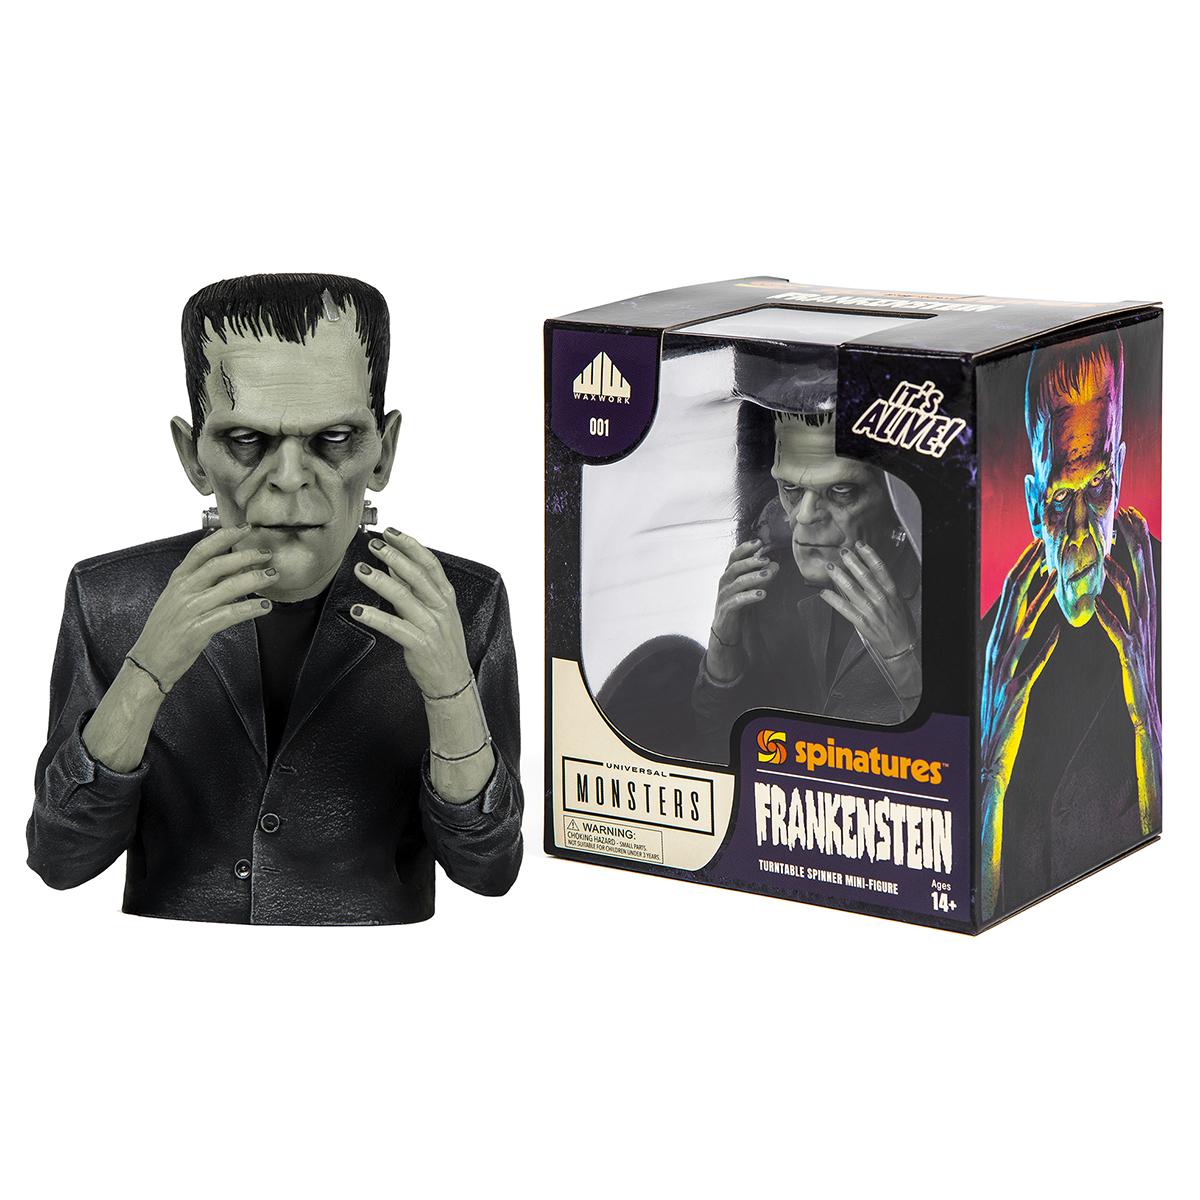 Frankenstein Spinature